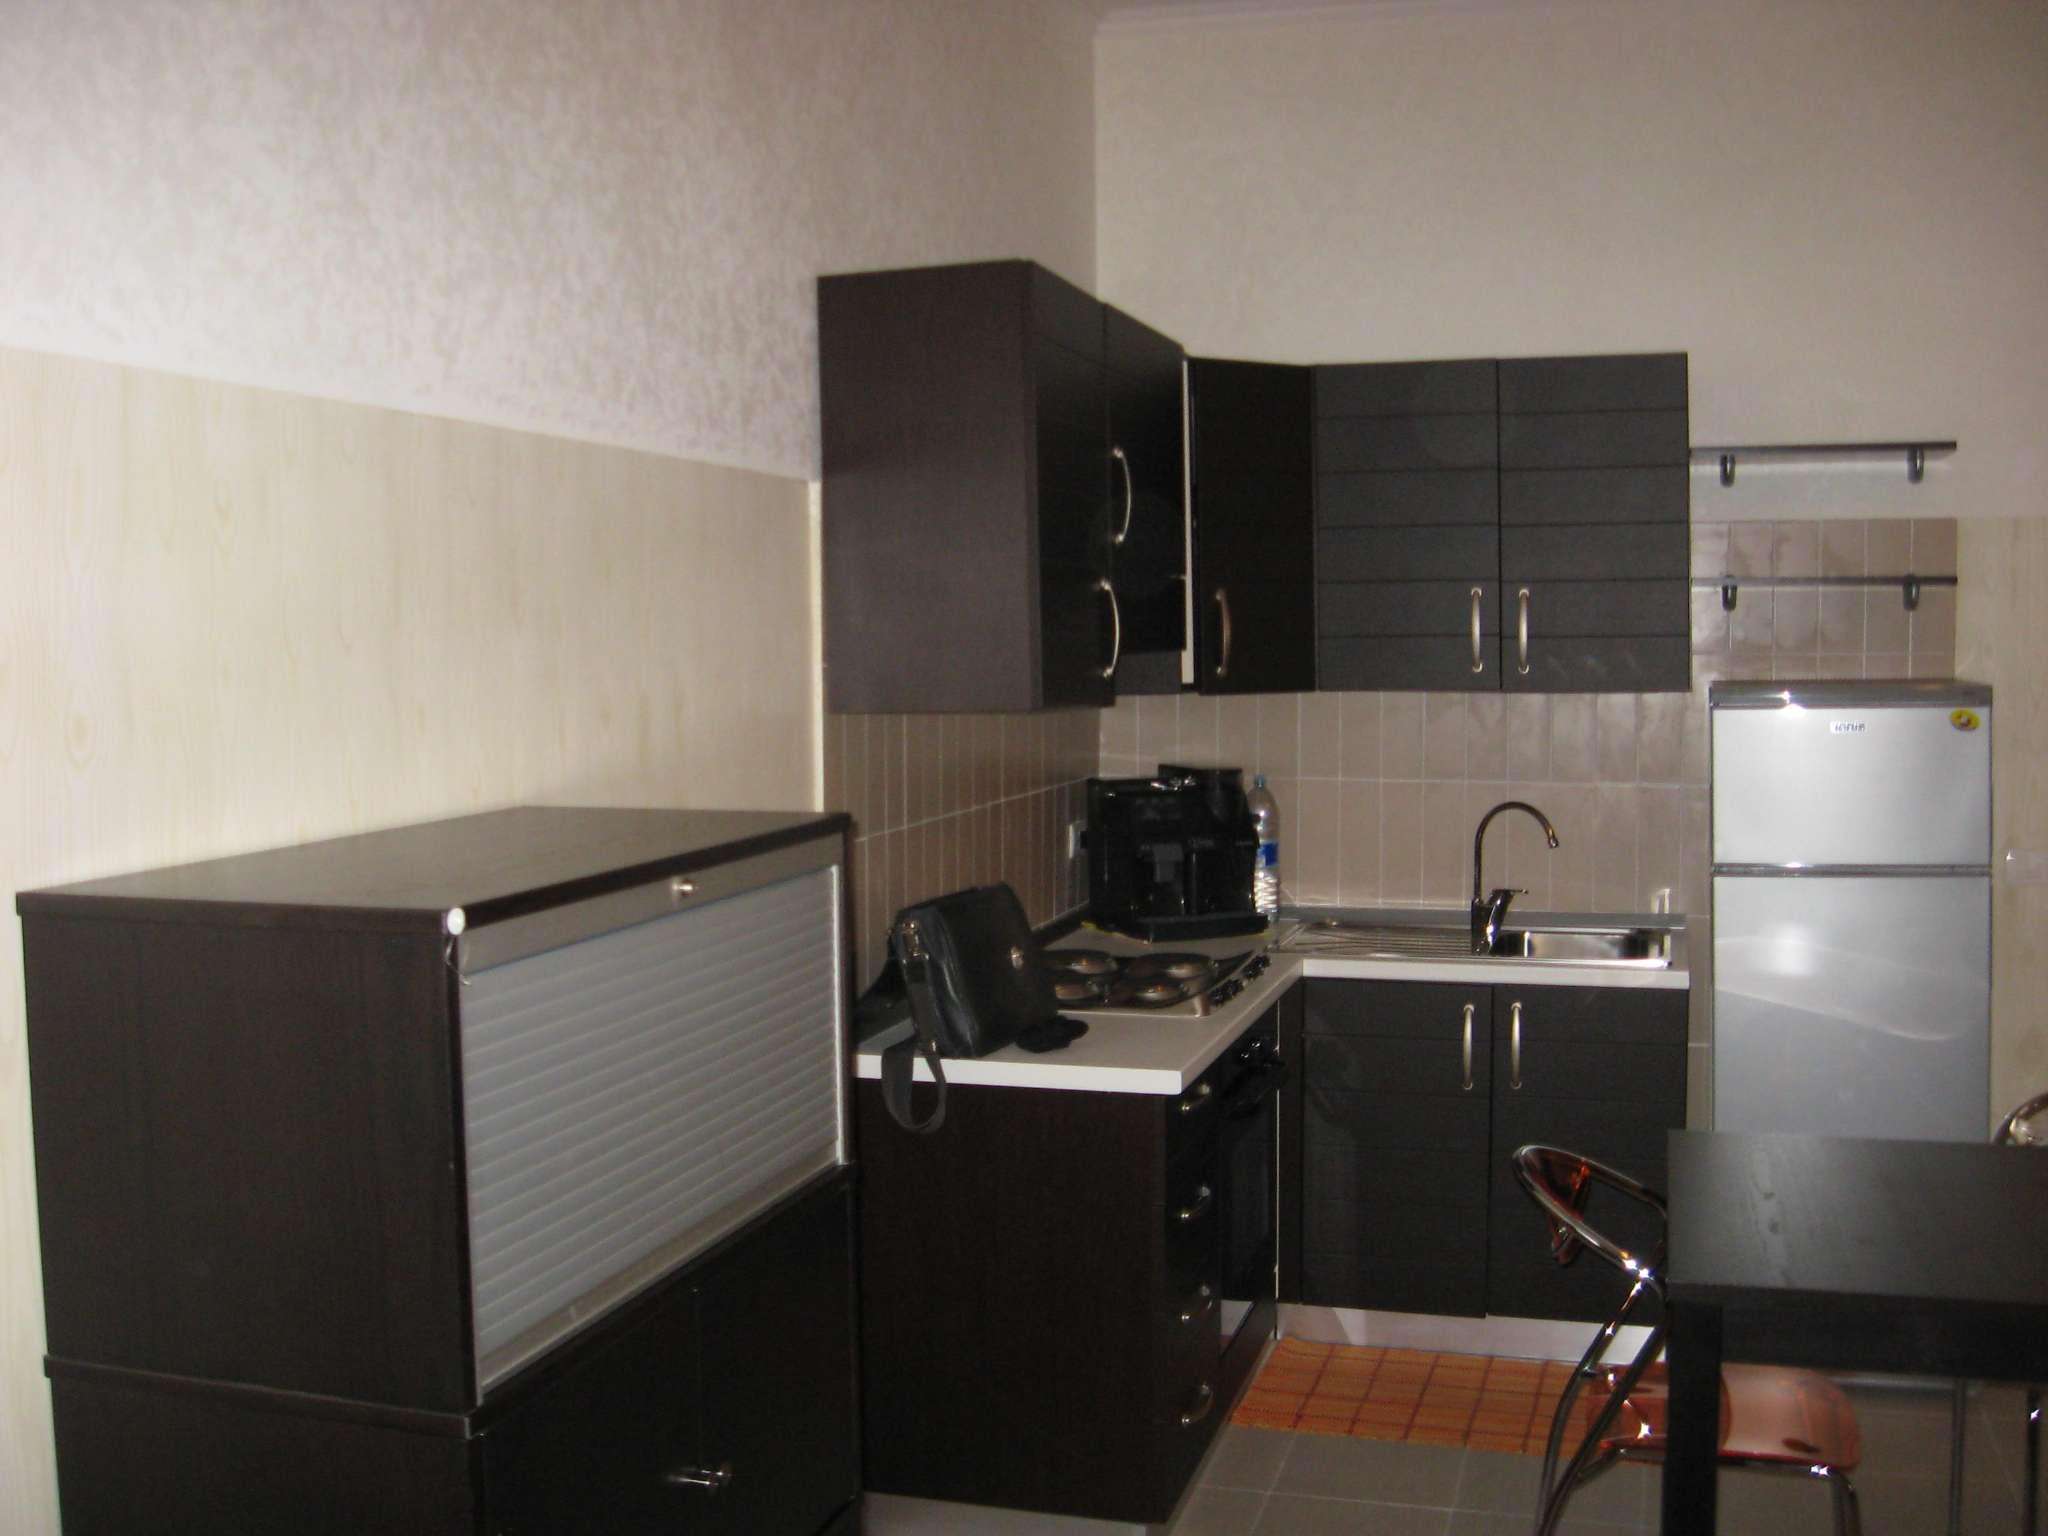 Case in affitto e vendita a caserta for Affitto caserta arredato